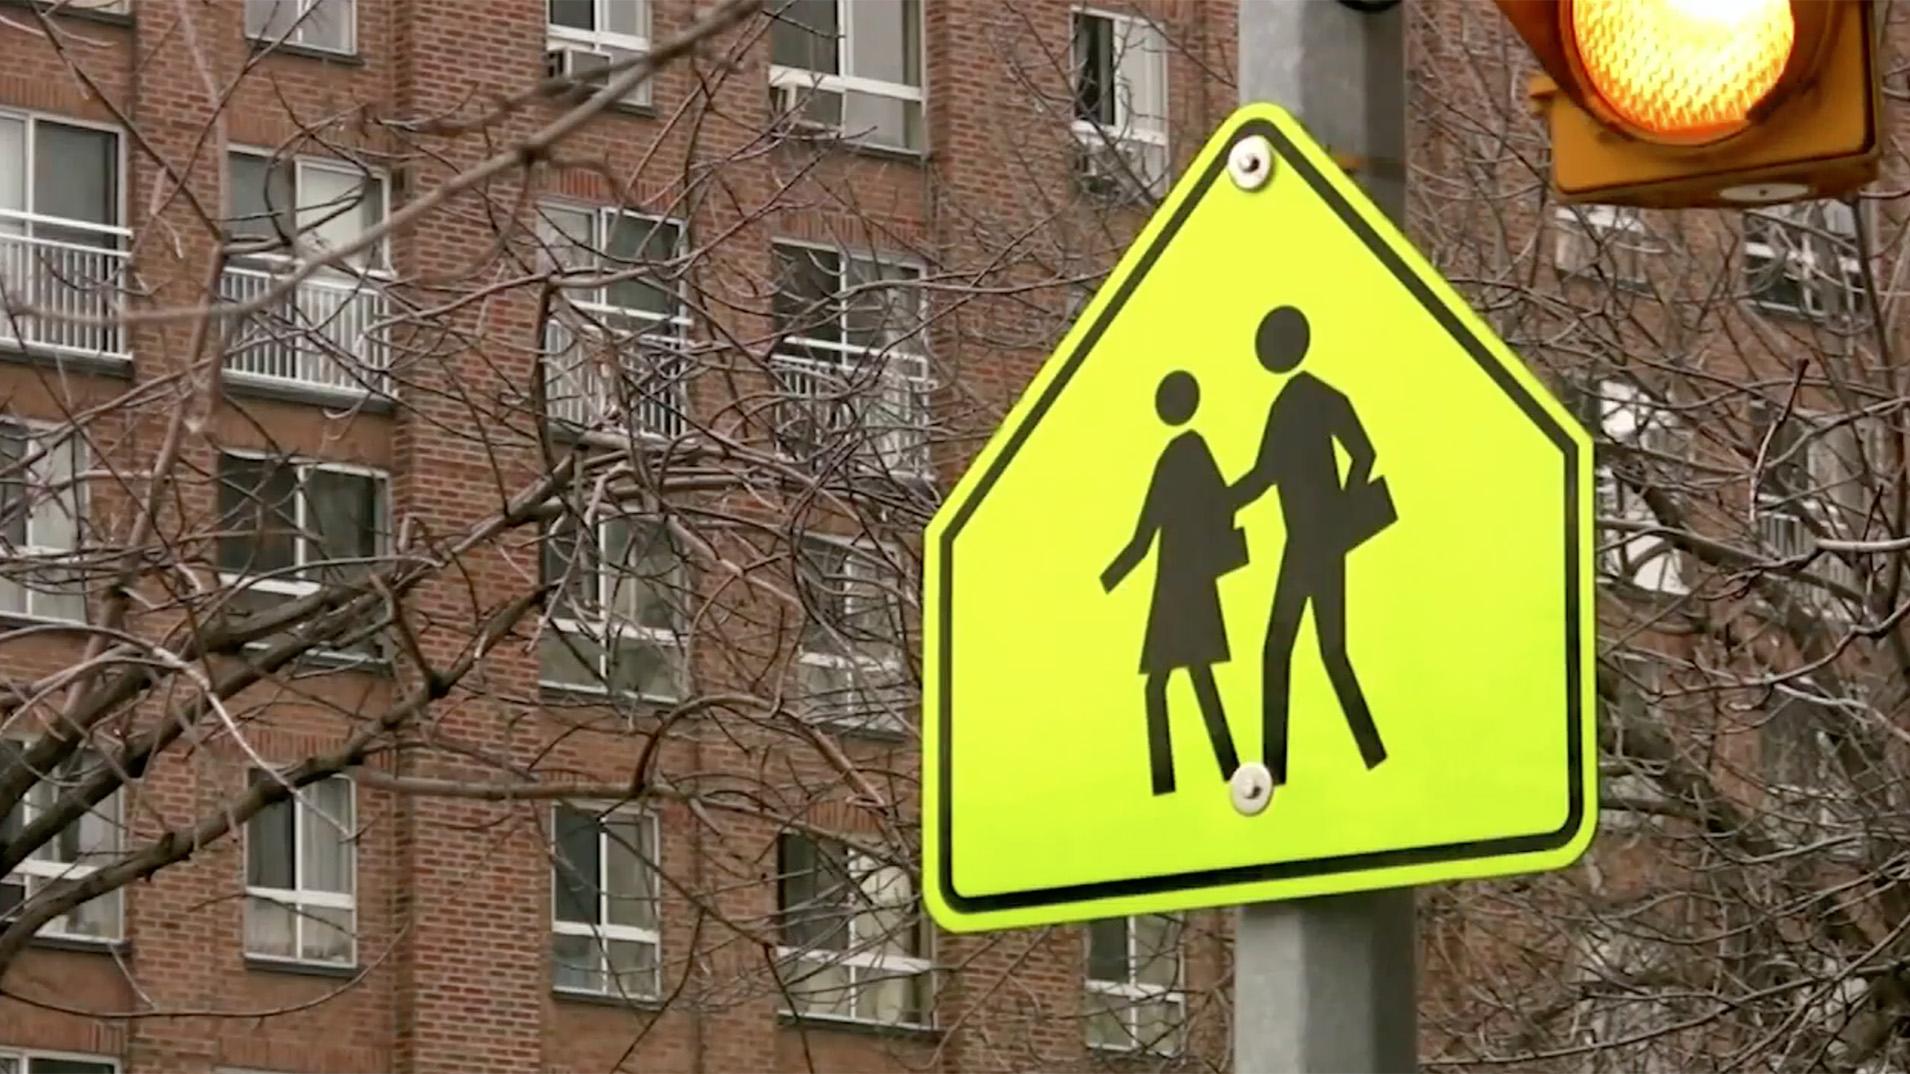 street sign with school crosswalk